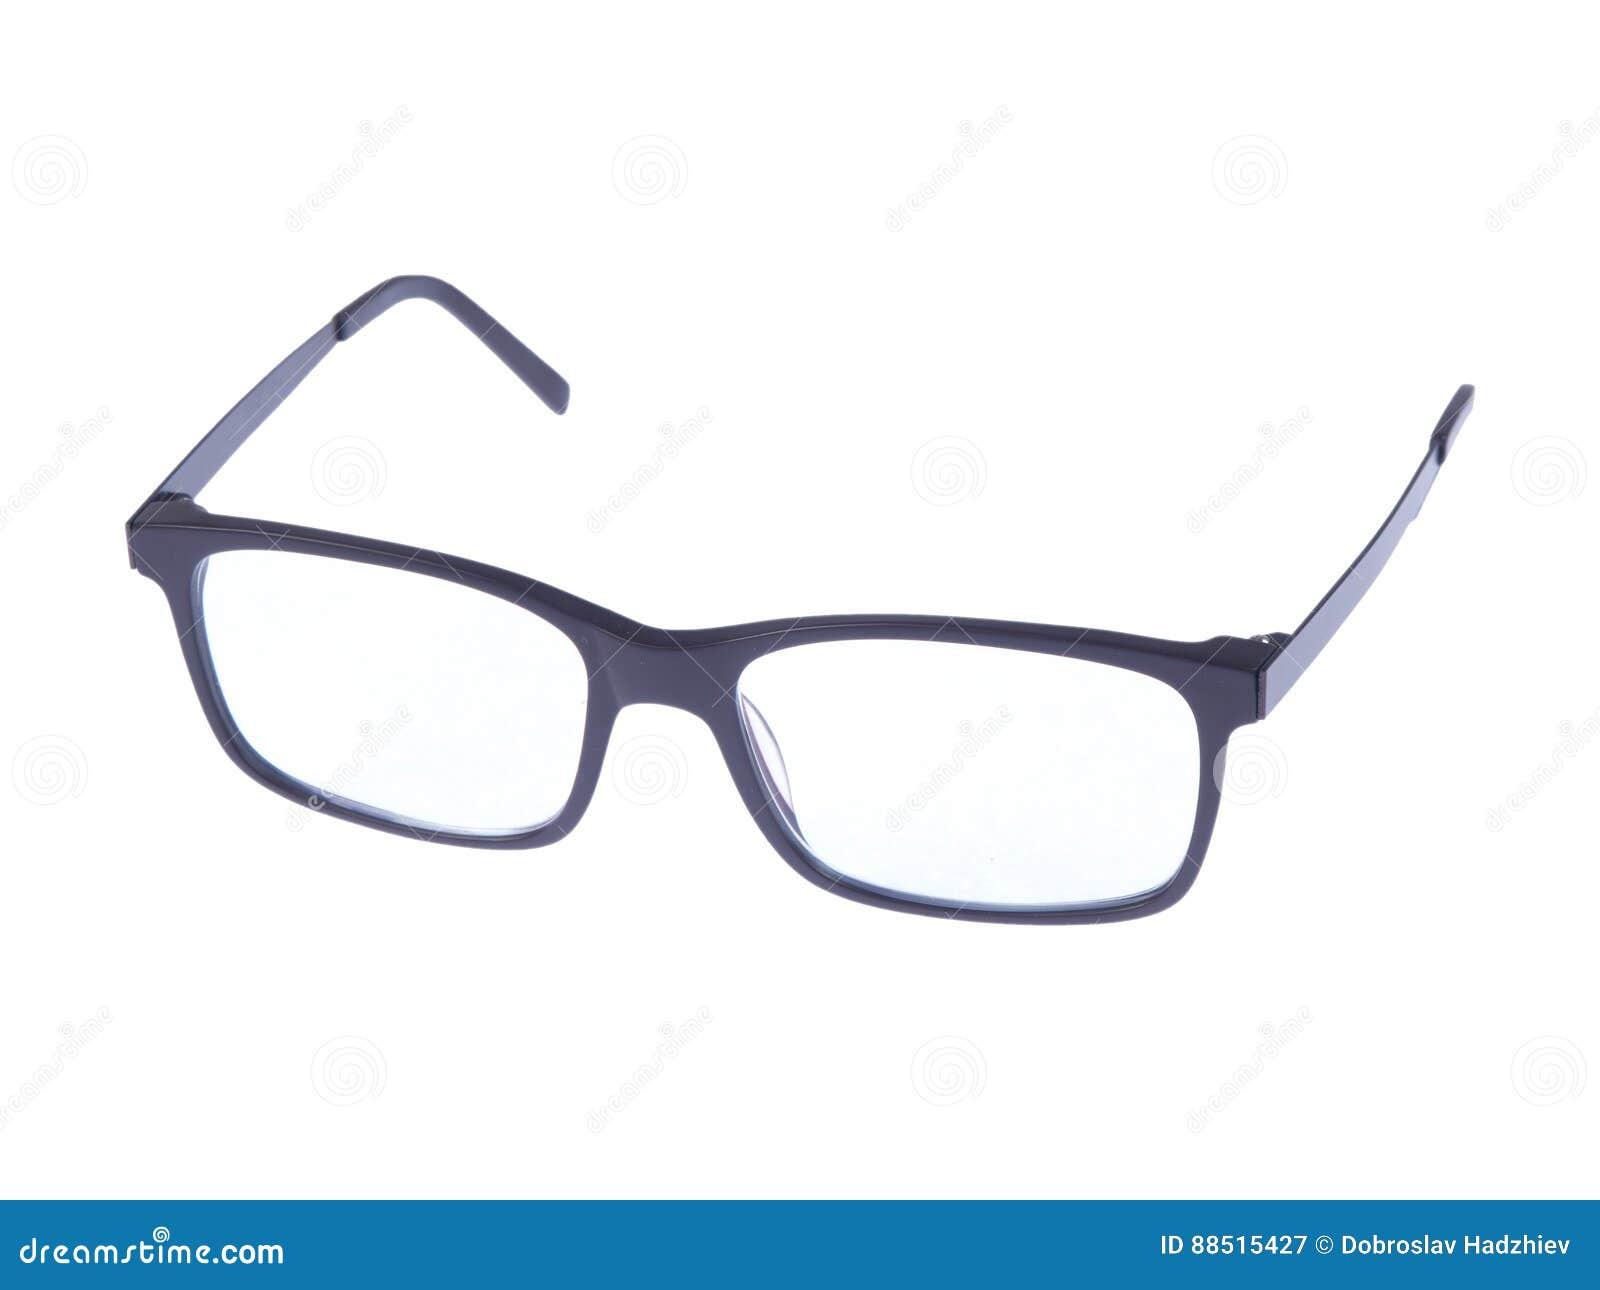 4d705f67383912 Moderne Modebrillen Auf Weißem Hintergrund Stockbild - Bild von ...